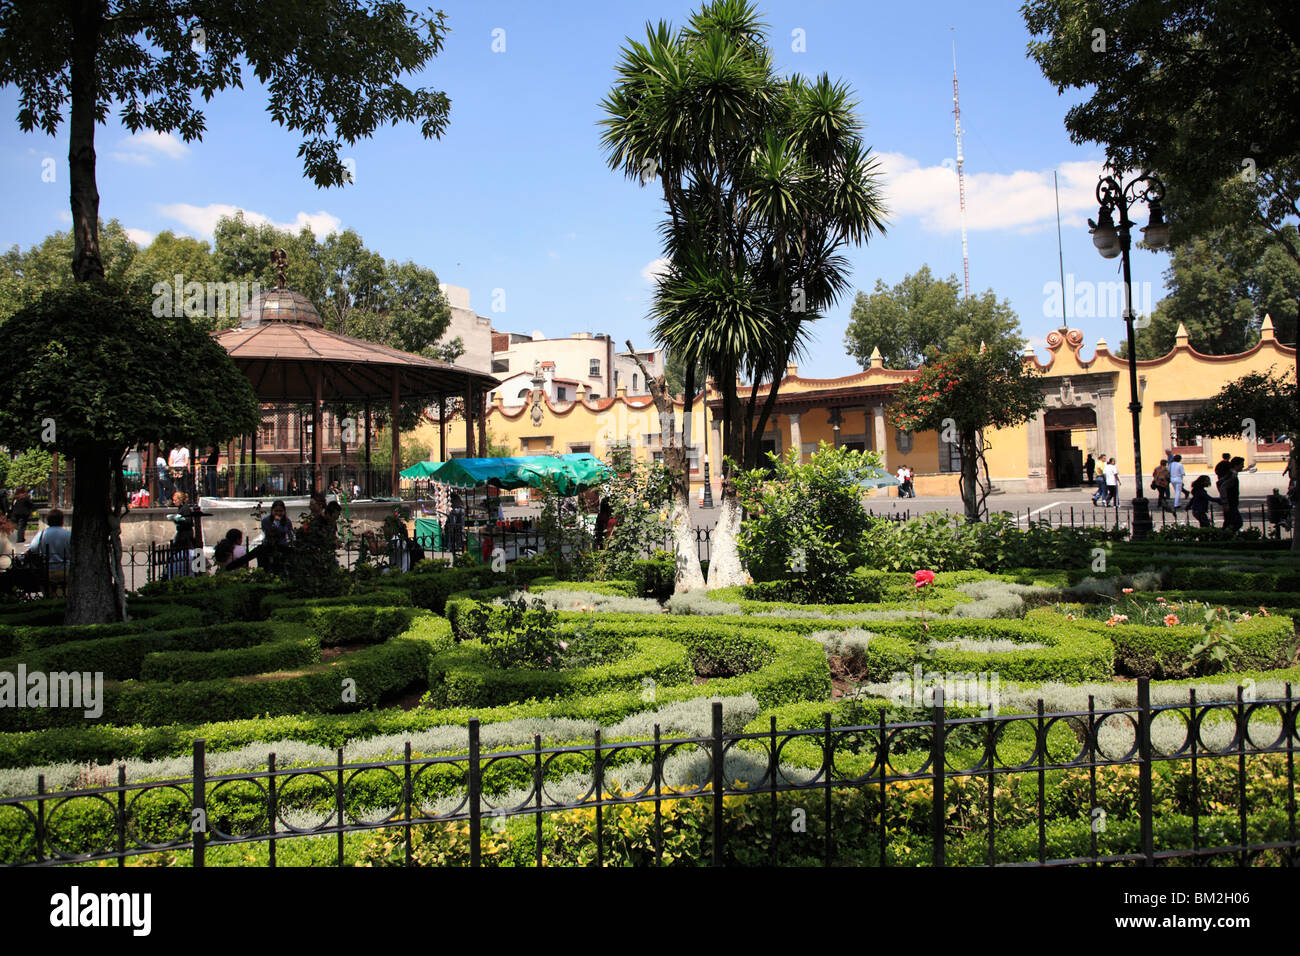 Plaza Hidalgo Coyoacan Mexico City Mexico Stock Photo 29560726